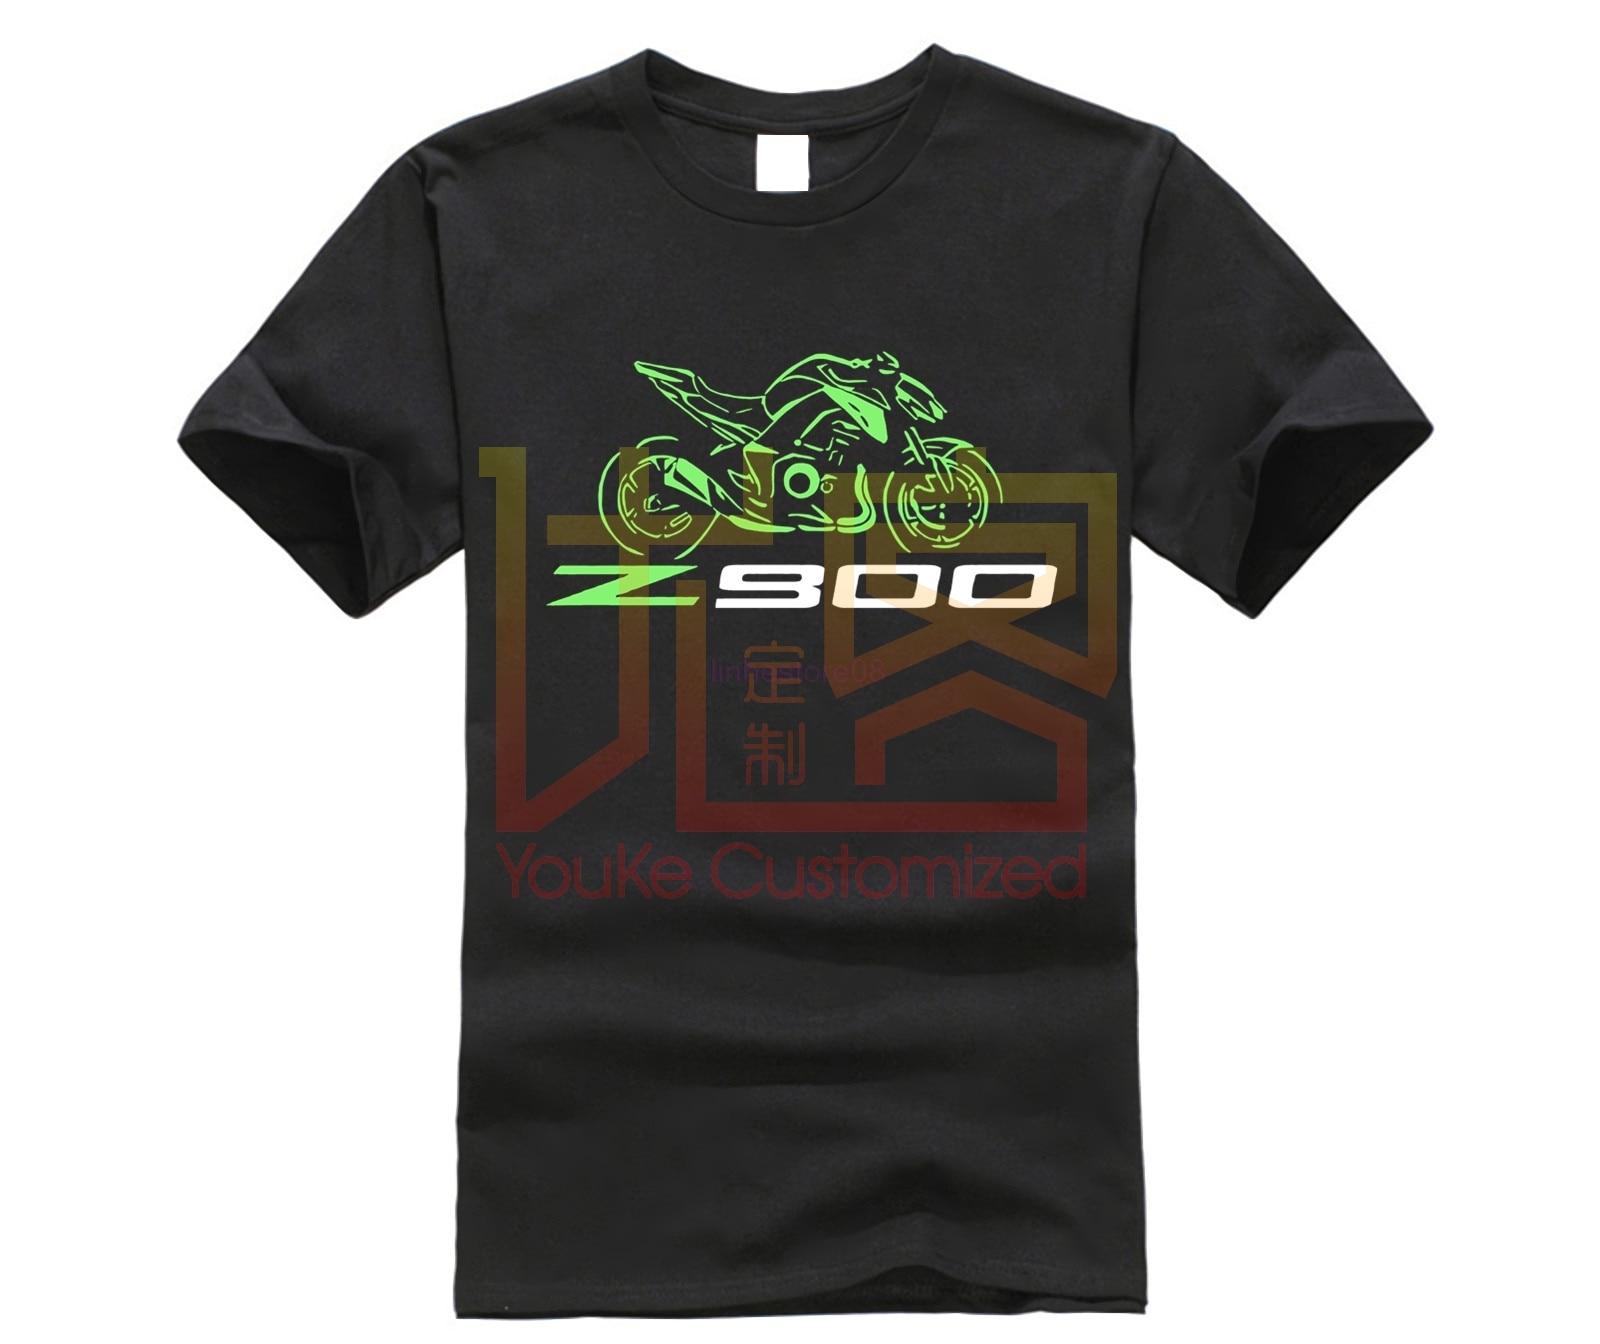 Maglia para moto motocicleta z 900 tshirt z900 maglietanew 2020 moda quente camiseta verão estilo engraçado casual topos tshirts